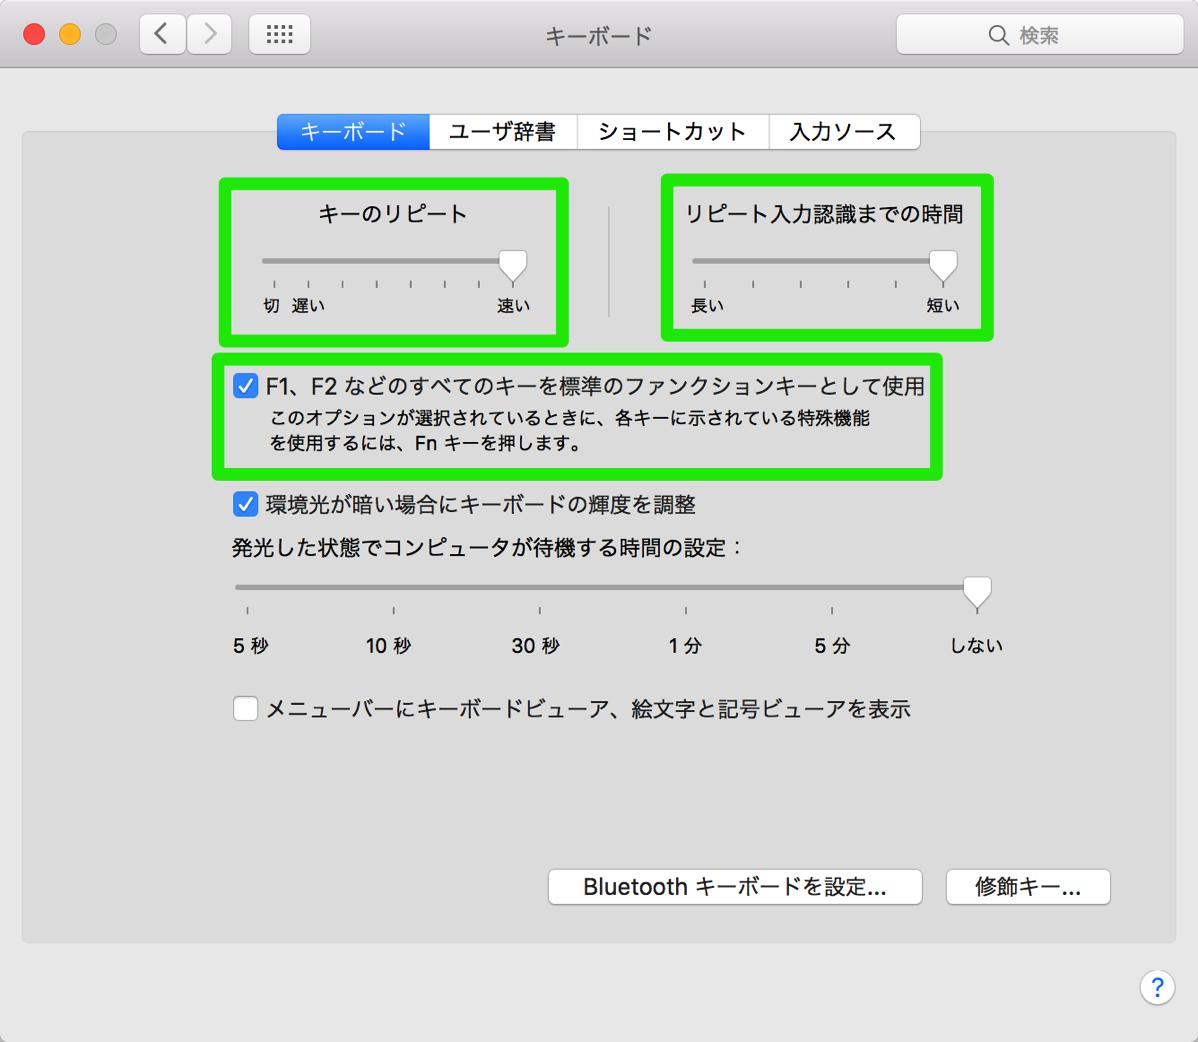 「新しいMacBook」をセットアップ – 設定変更編